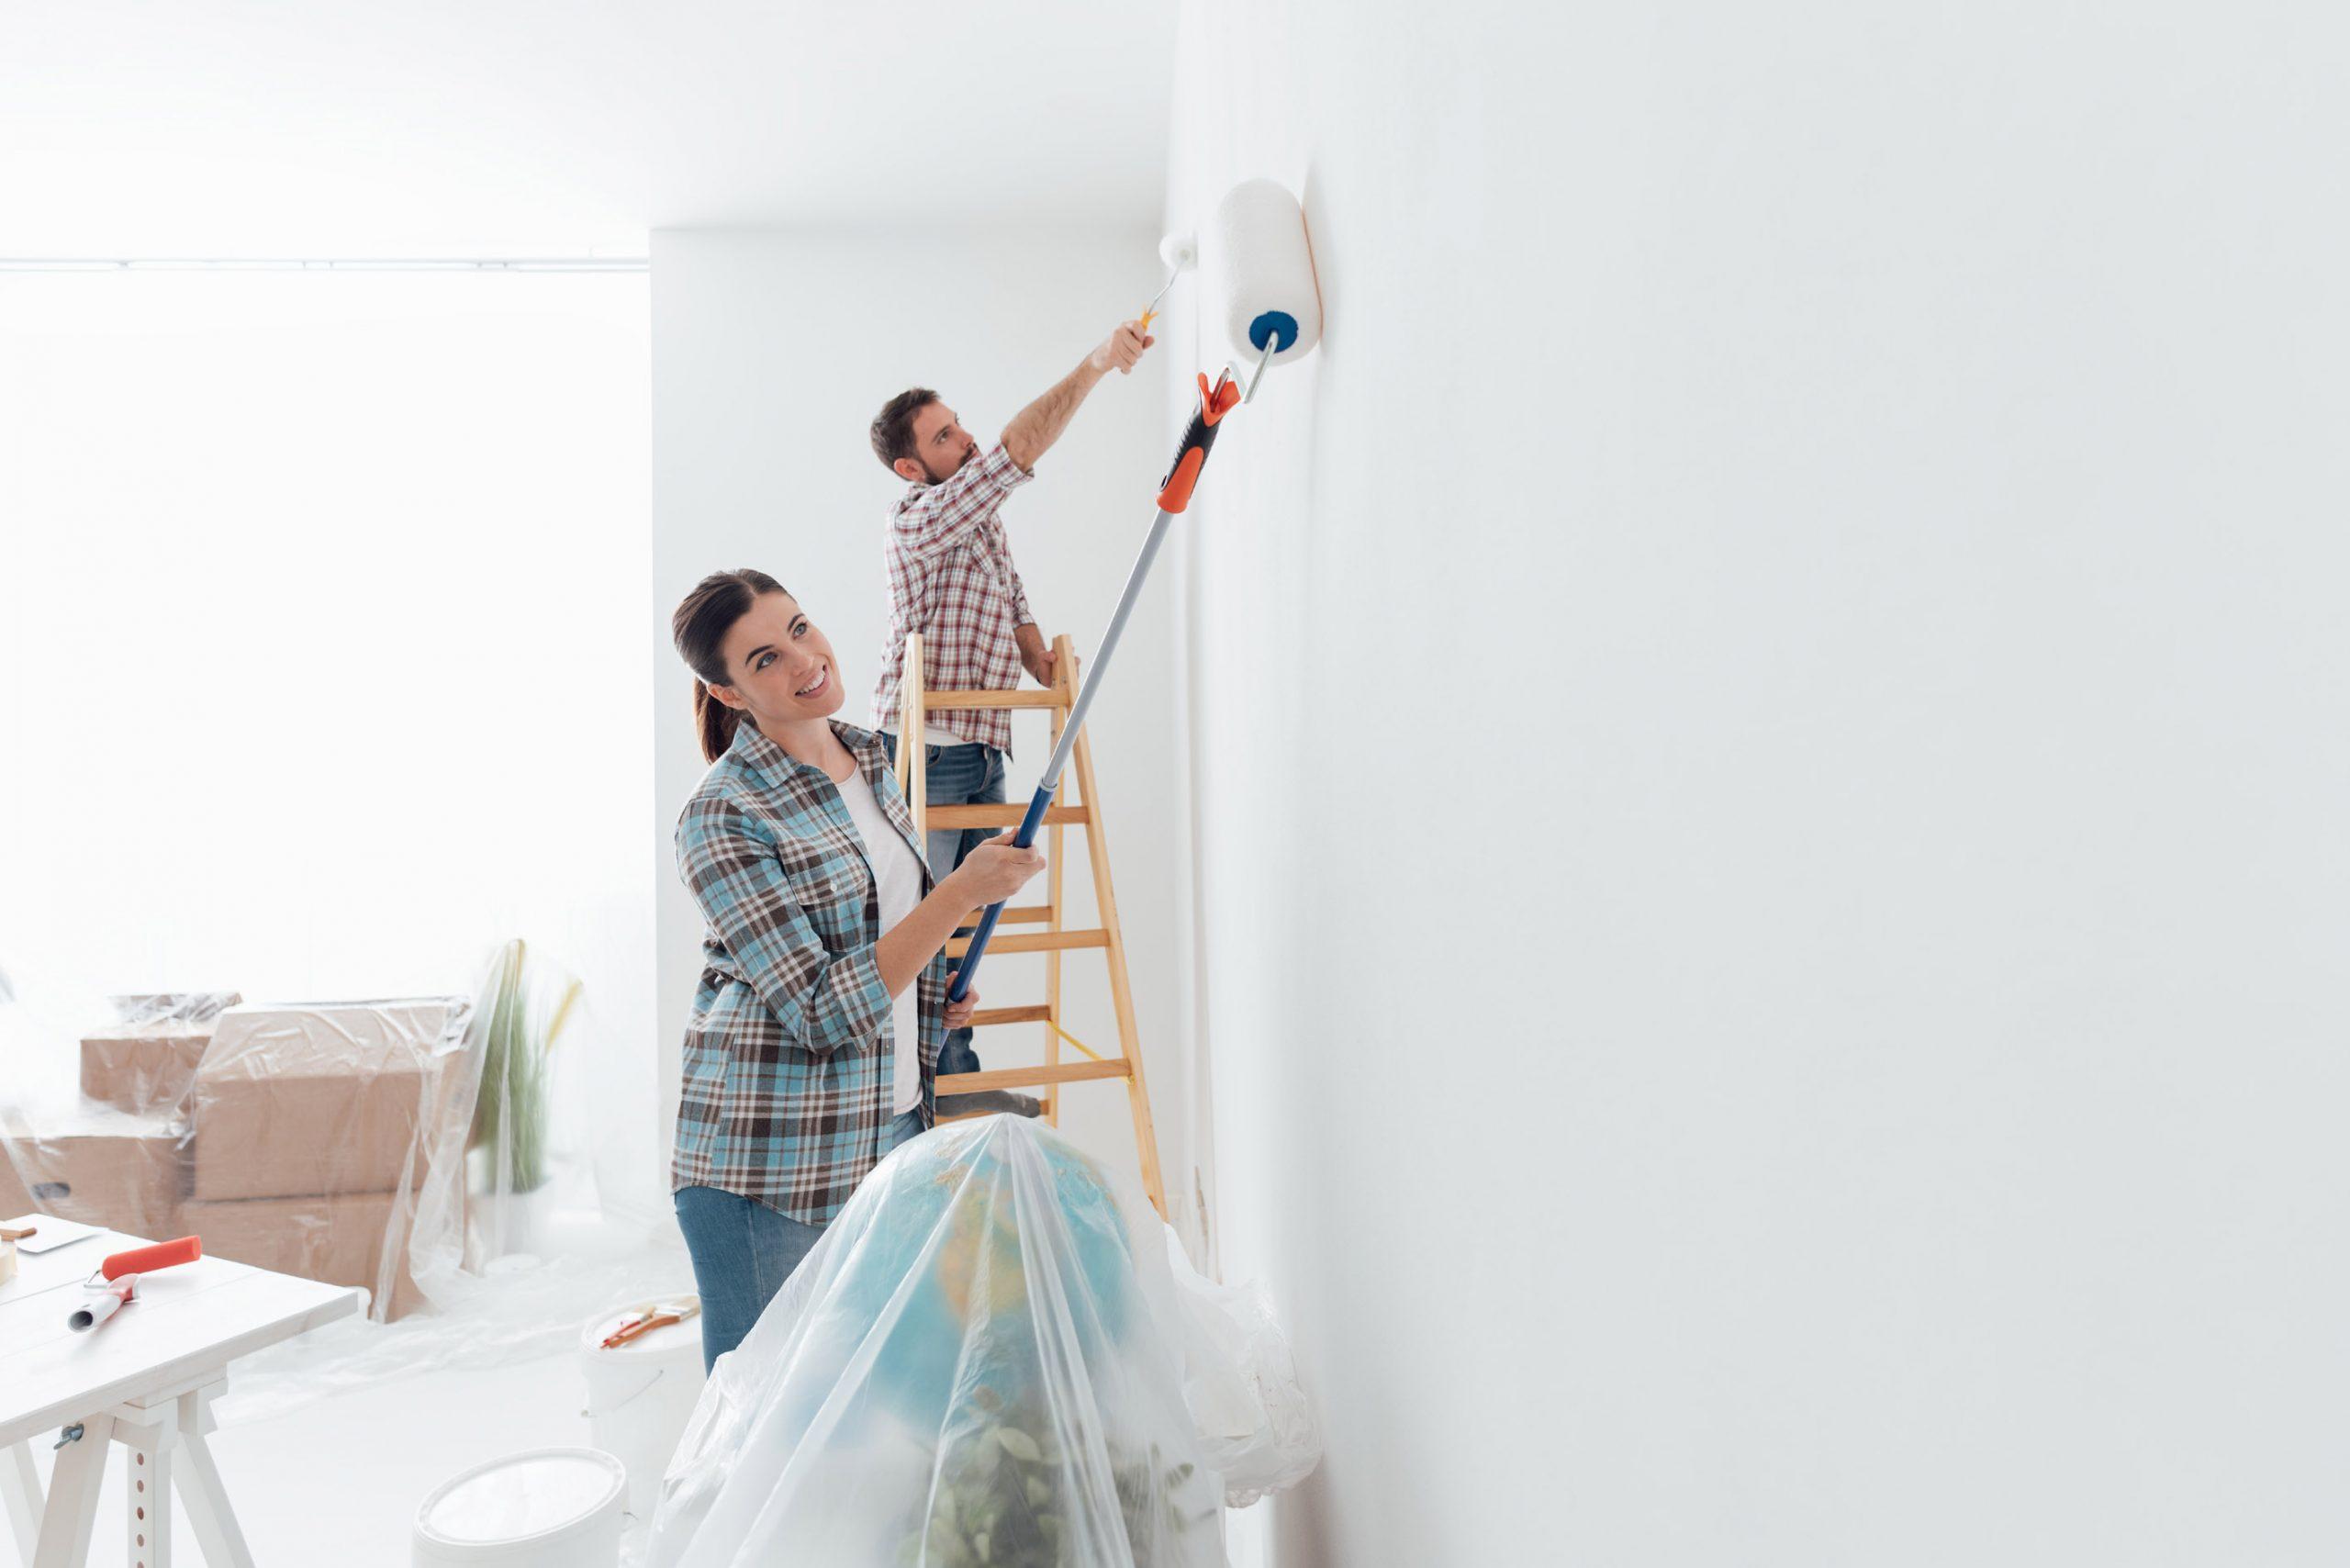 10 règles pour réussir la peinture de son logement